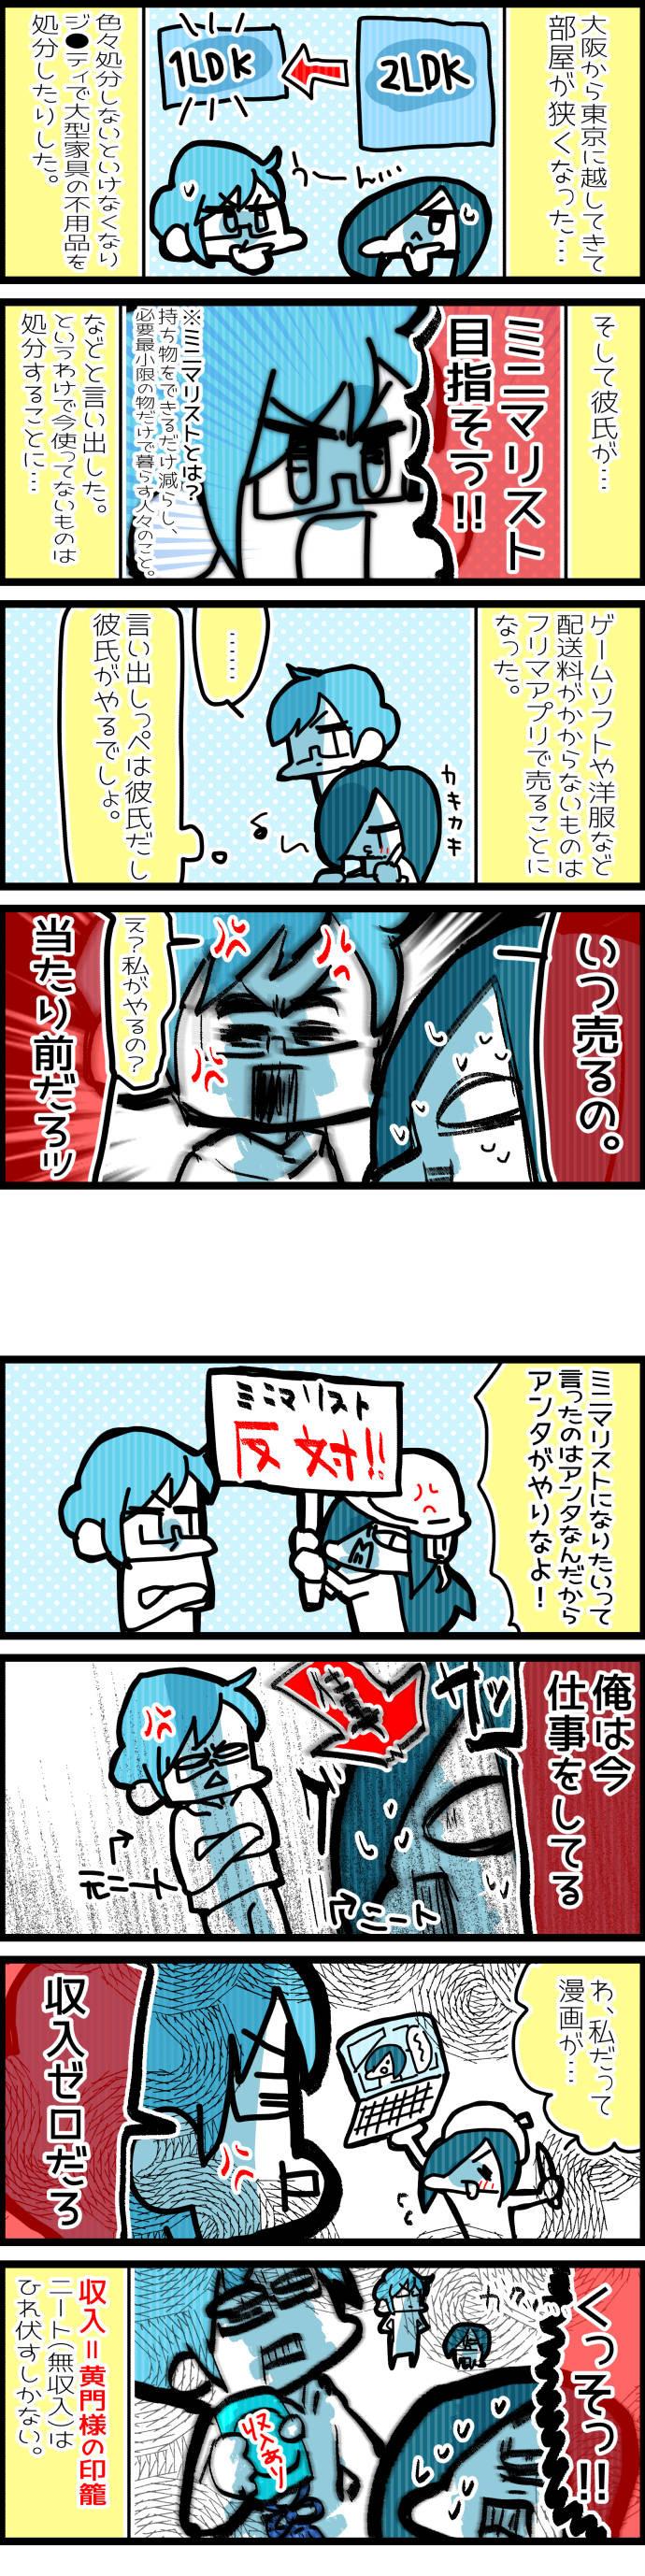 neetsadami.com_1話